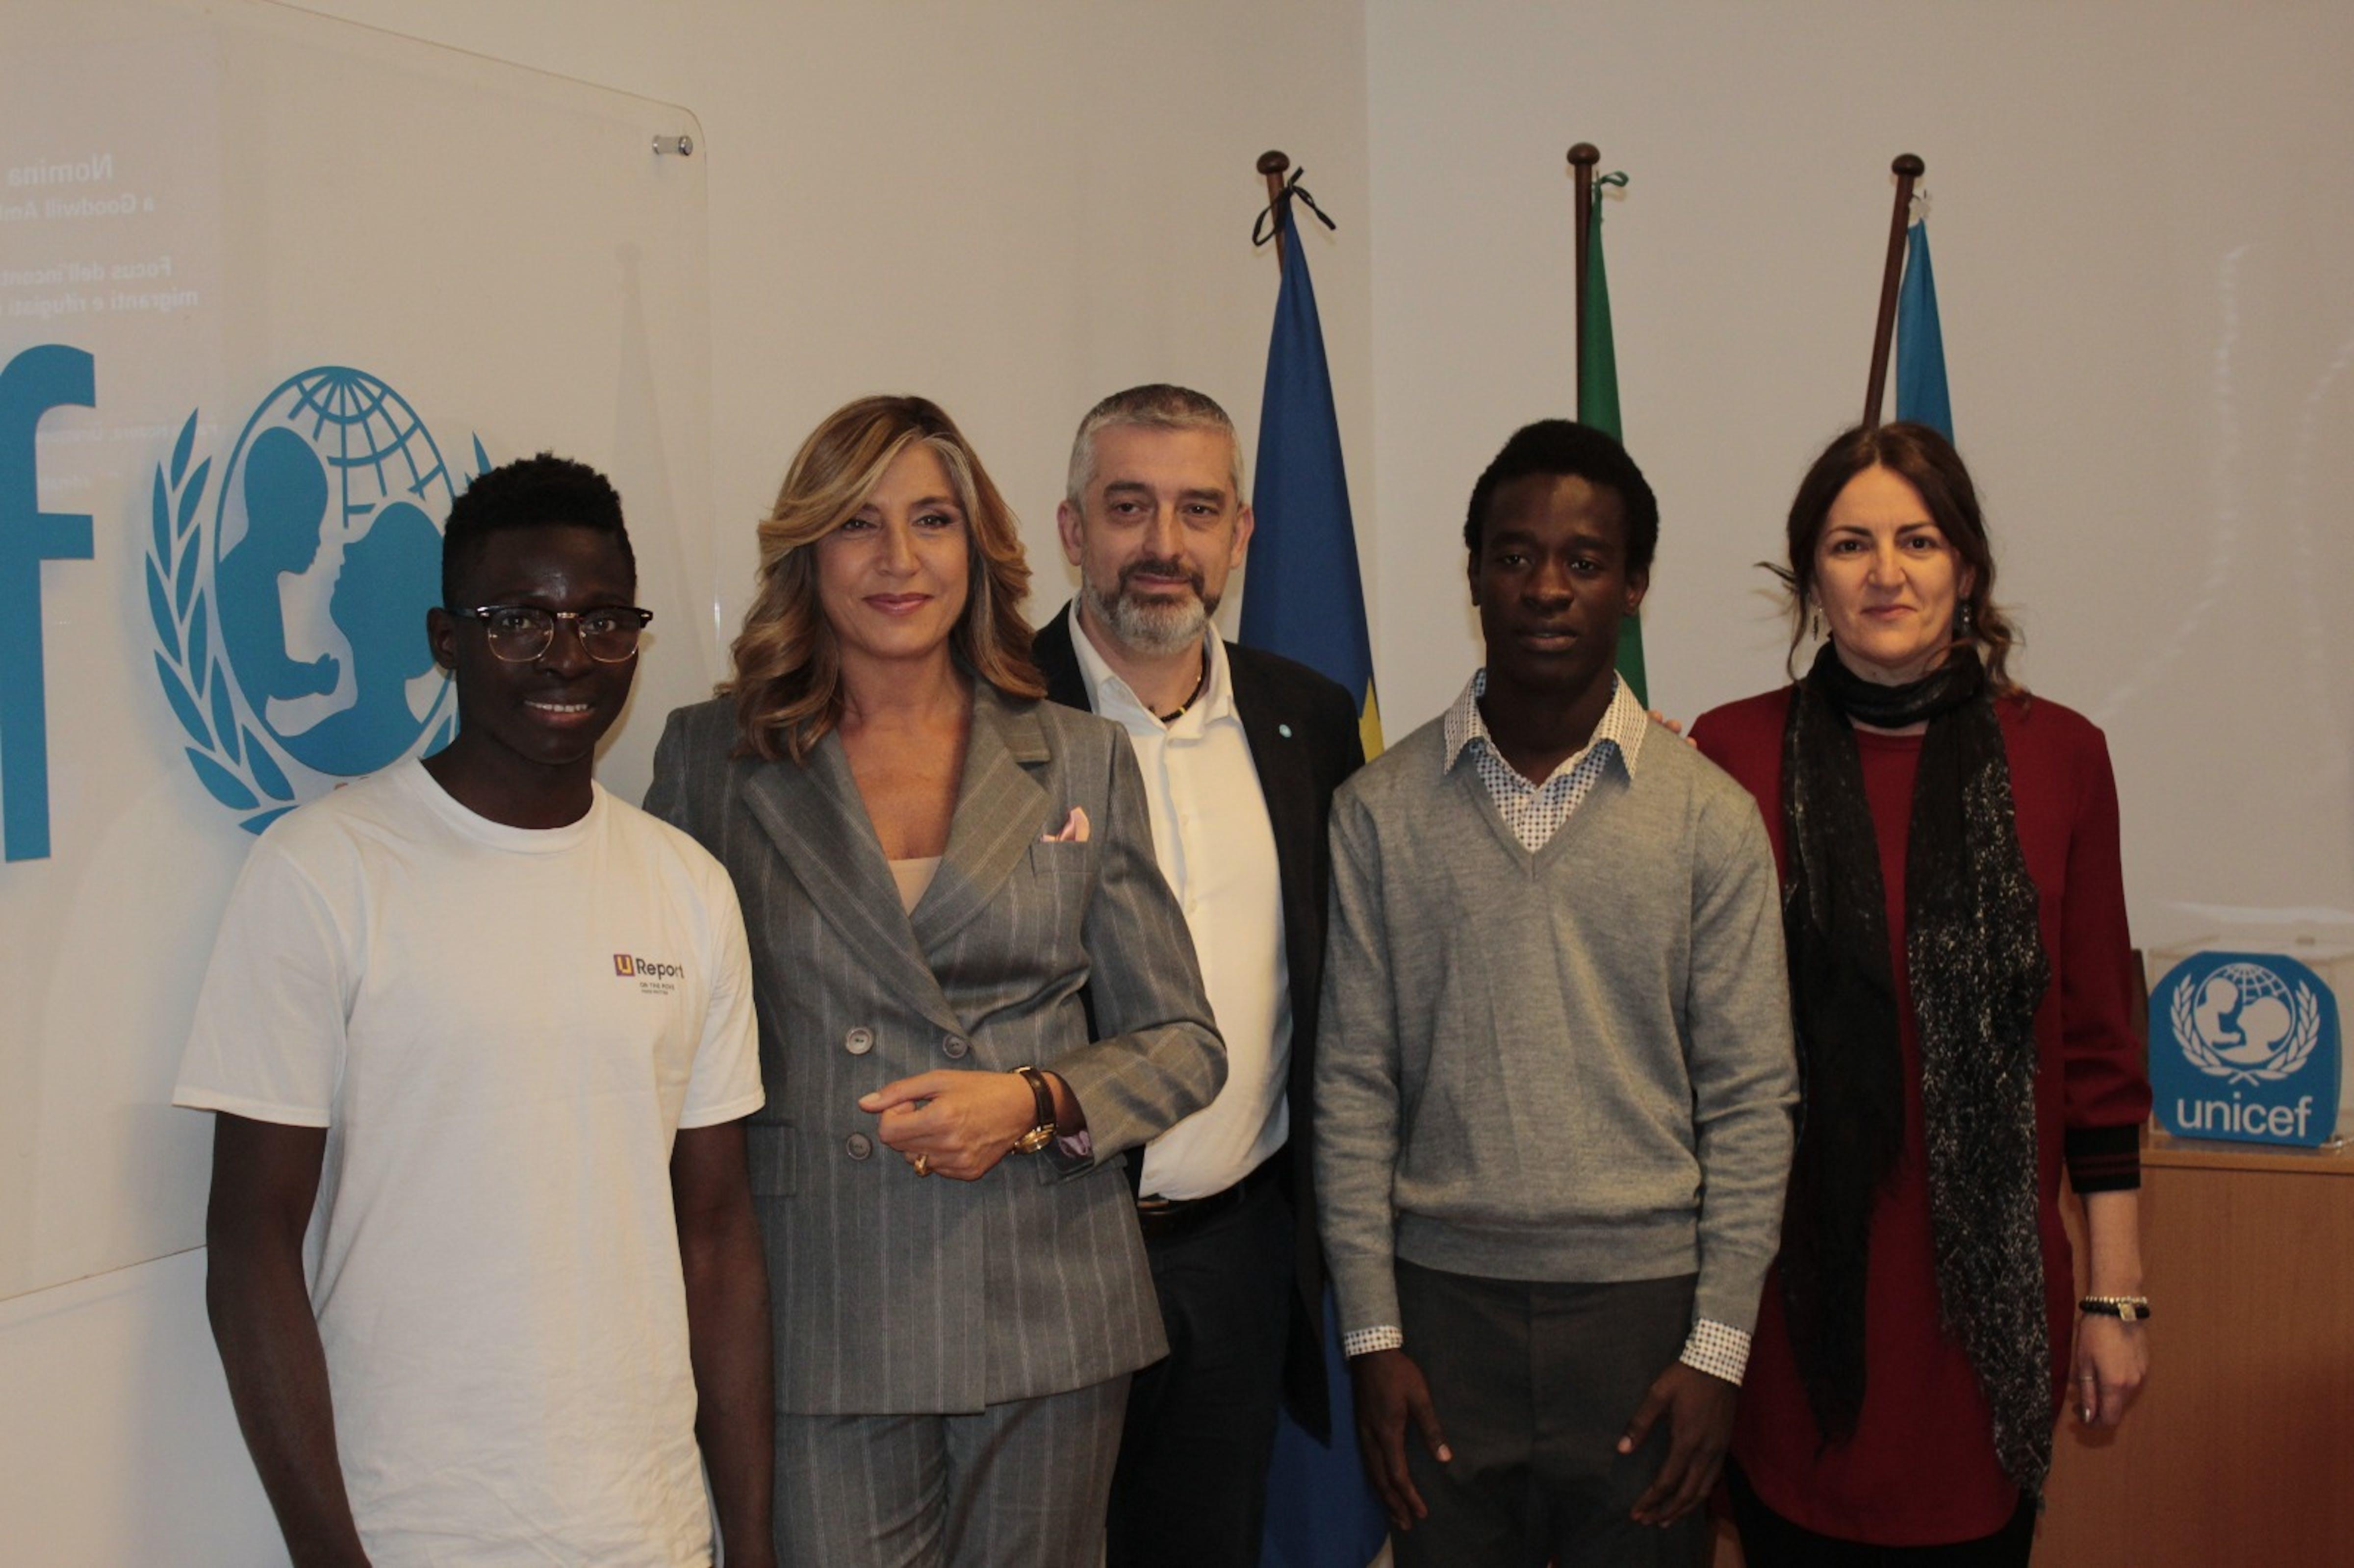 Myrta Merlino con il Direttore UNICEF Paolo Rozera, la coordinatrice del programma UNICEF per i minori migranti in Italia, Anna Riatti, e i due